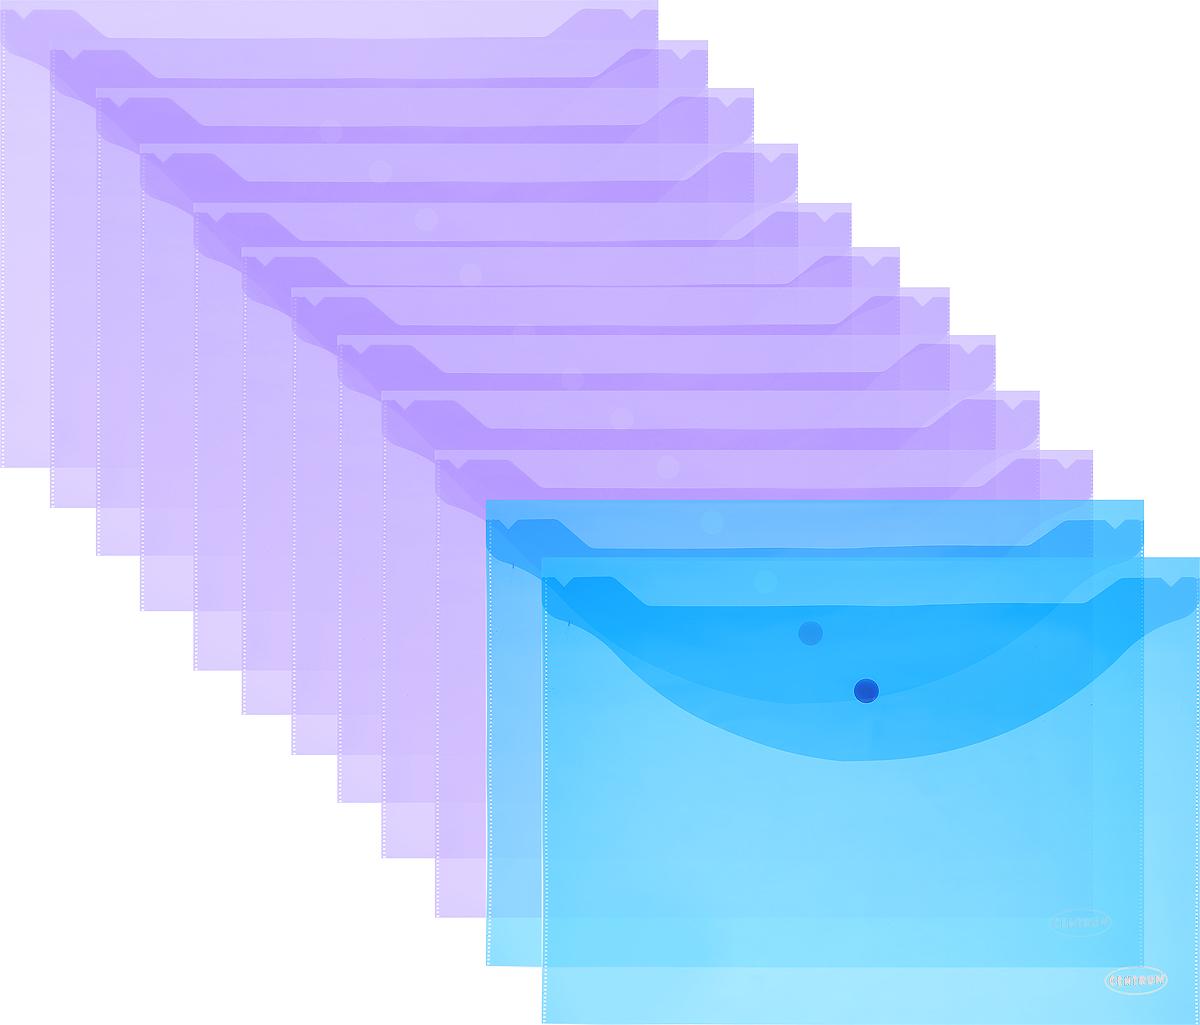 Centrum Папка-конверт на кнопке цвет фиолетовый синий 12 шт80024_фиолетовый, синийПапка-конверт на кнопке Centrum - это удобный и функциональный офисный инструмент, предназначенный для хранения и транспортировки рабочих бумаг и документов формата А4. Папка изготовлена из полупрозрачного полипропилена и закрывается клапаном на кнопке. В упаковке 12 папок.